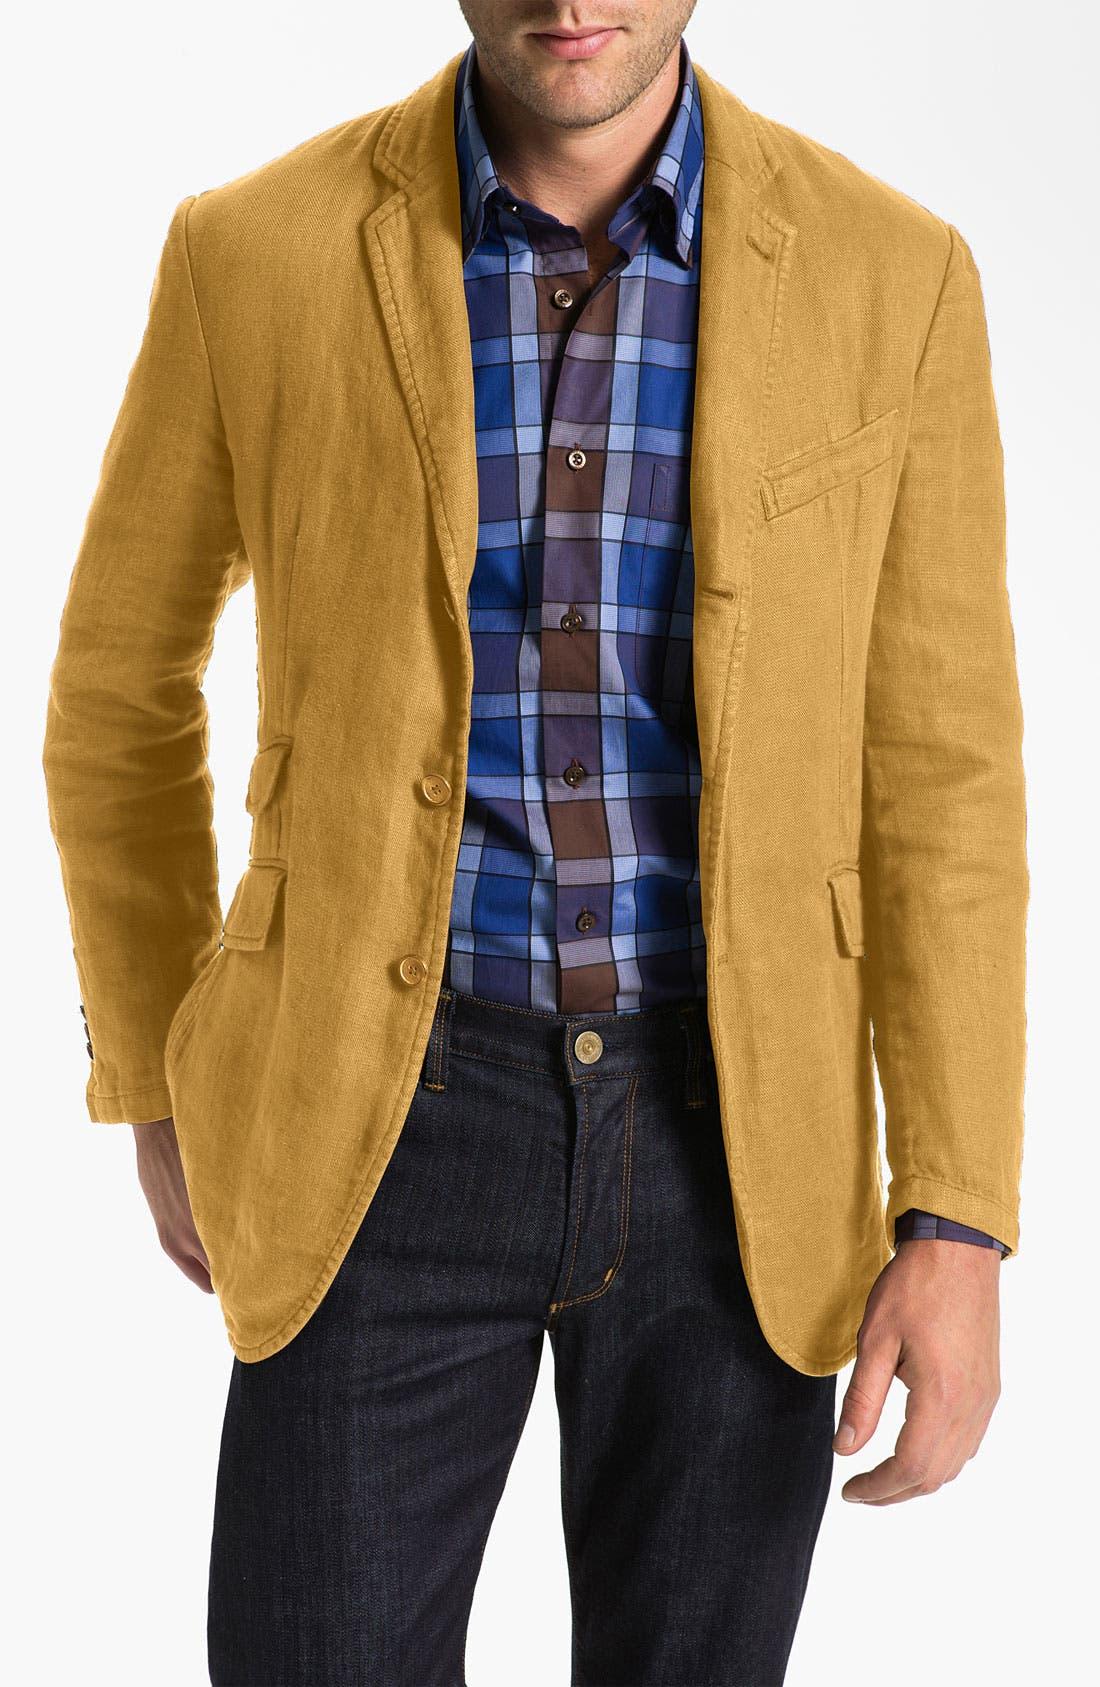 Alternate Image 1 Selected - Robert Talbott 'Ventana' Linen Sportcoat